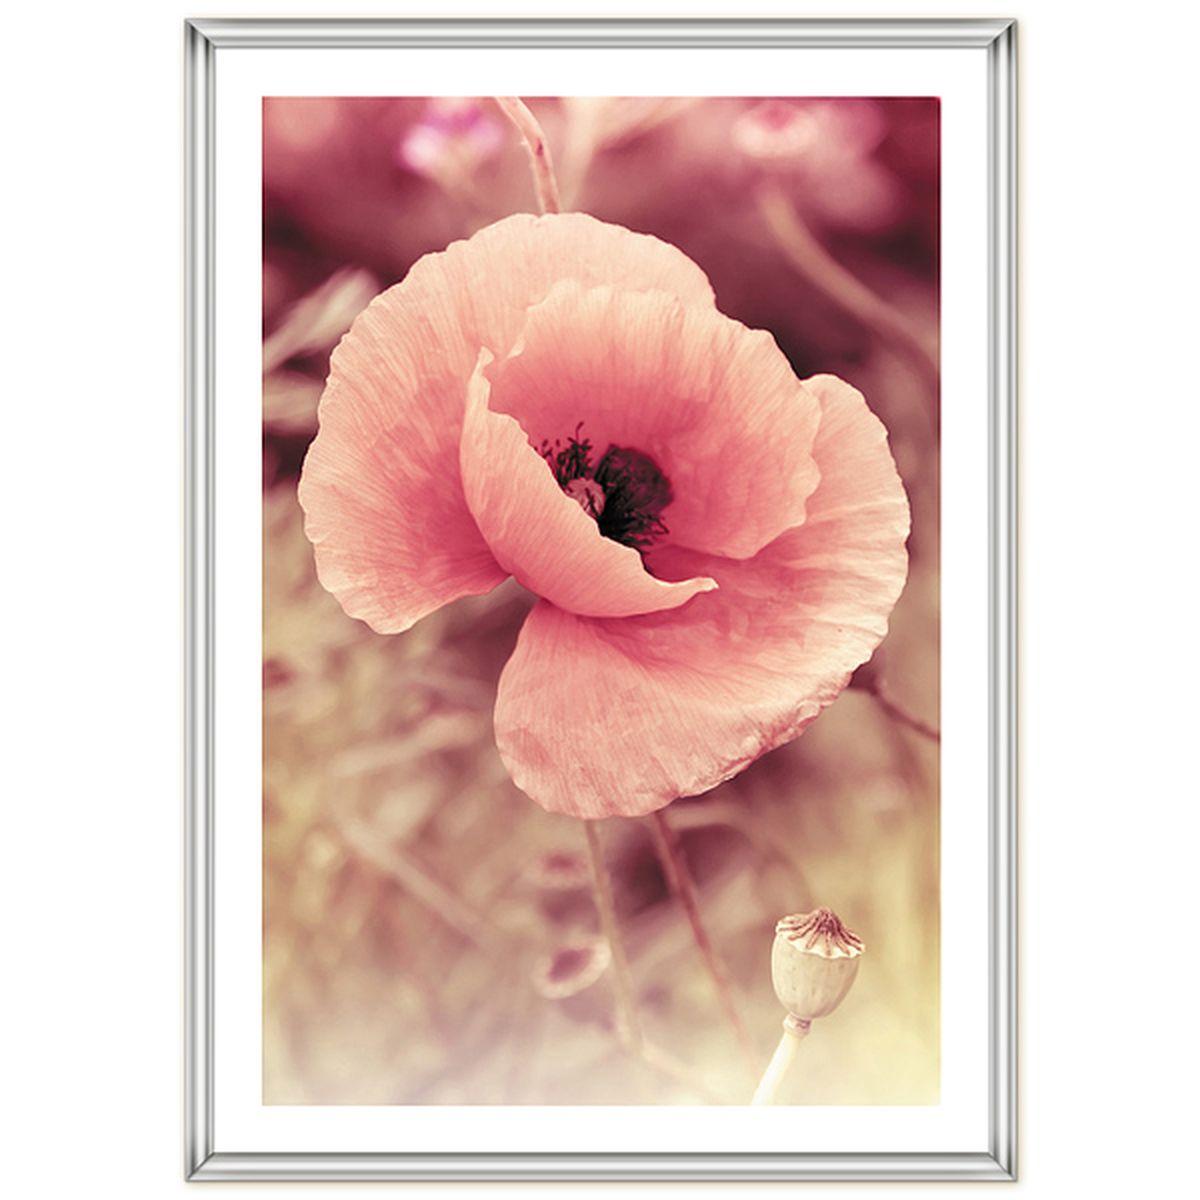 Фоторамка Pioneer Poster Lux Silver, 40 х 50 см15824 PR foilРамка для фото формата 40х50 см. Материал: пластик. Материалы, использованные в изготовлении рамок, обеспечивают высокое качество хранения Ваших фотографий, поэтому фотографии не желтеют со временем.